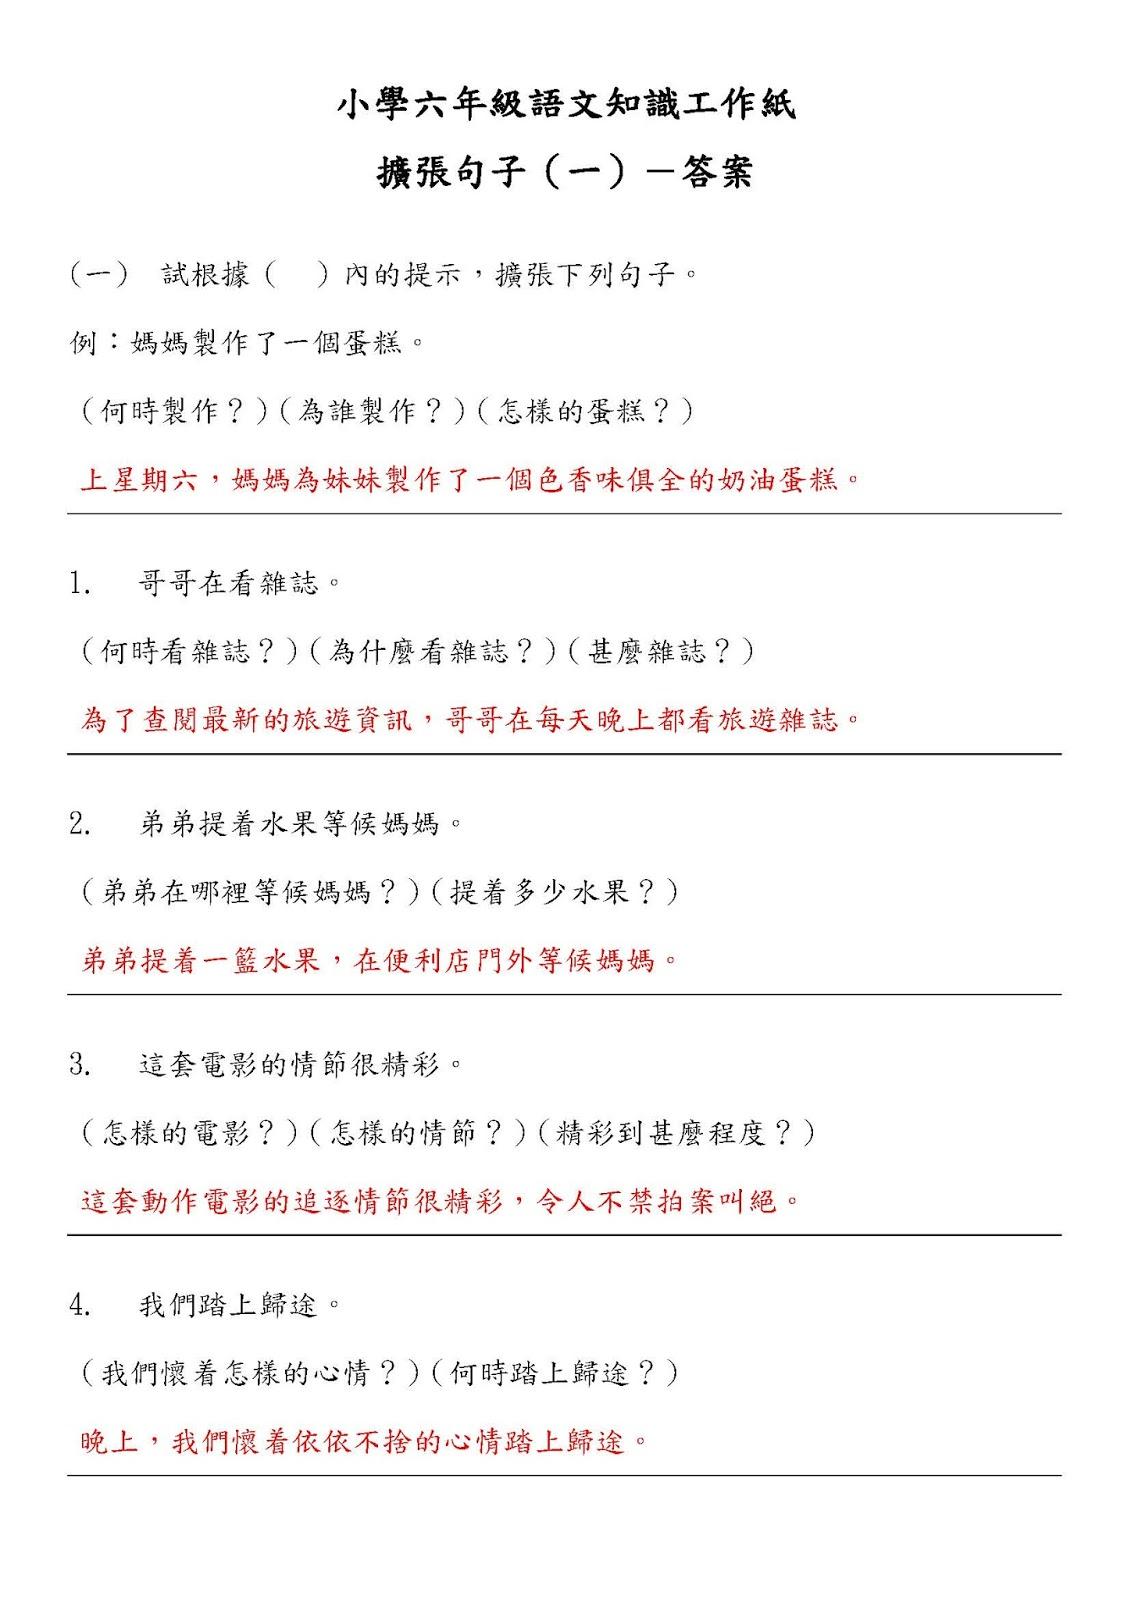 小六語文知識工作紙:擴張句子(一)|中文工作紙|尤莉姐姐的反轉學堂